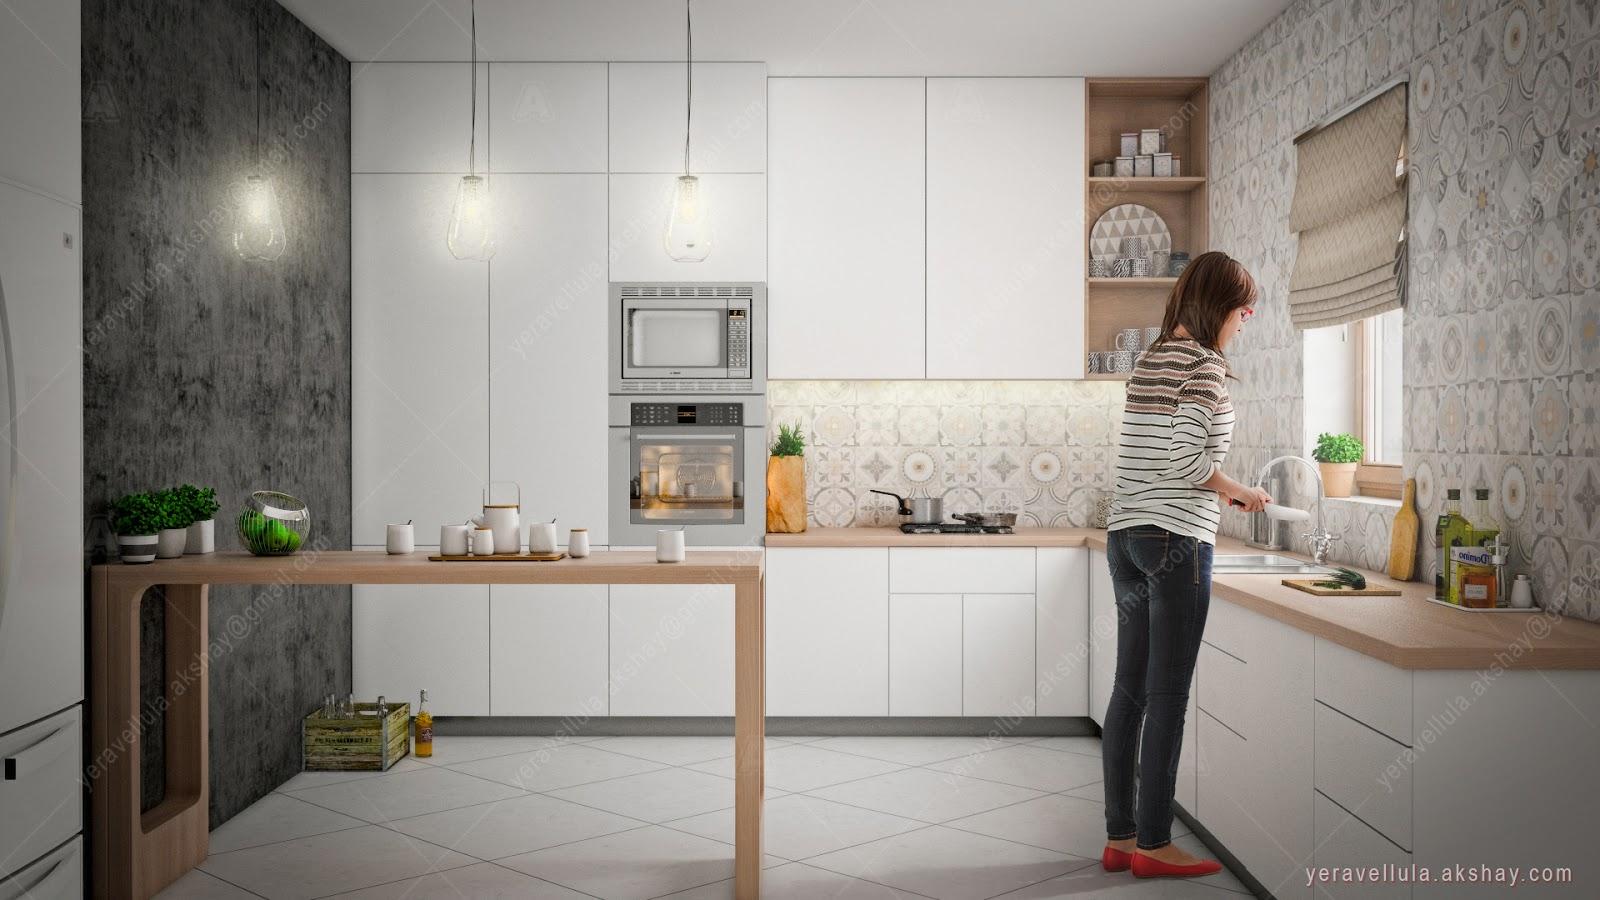 Akshay Yaravalli: Kitchen - Sleek Scandinavian Style